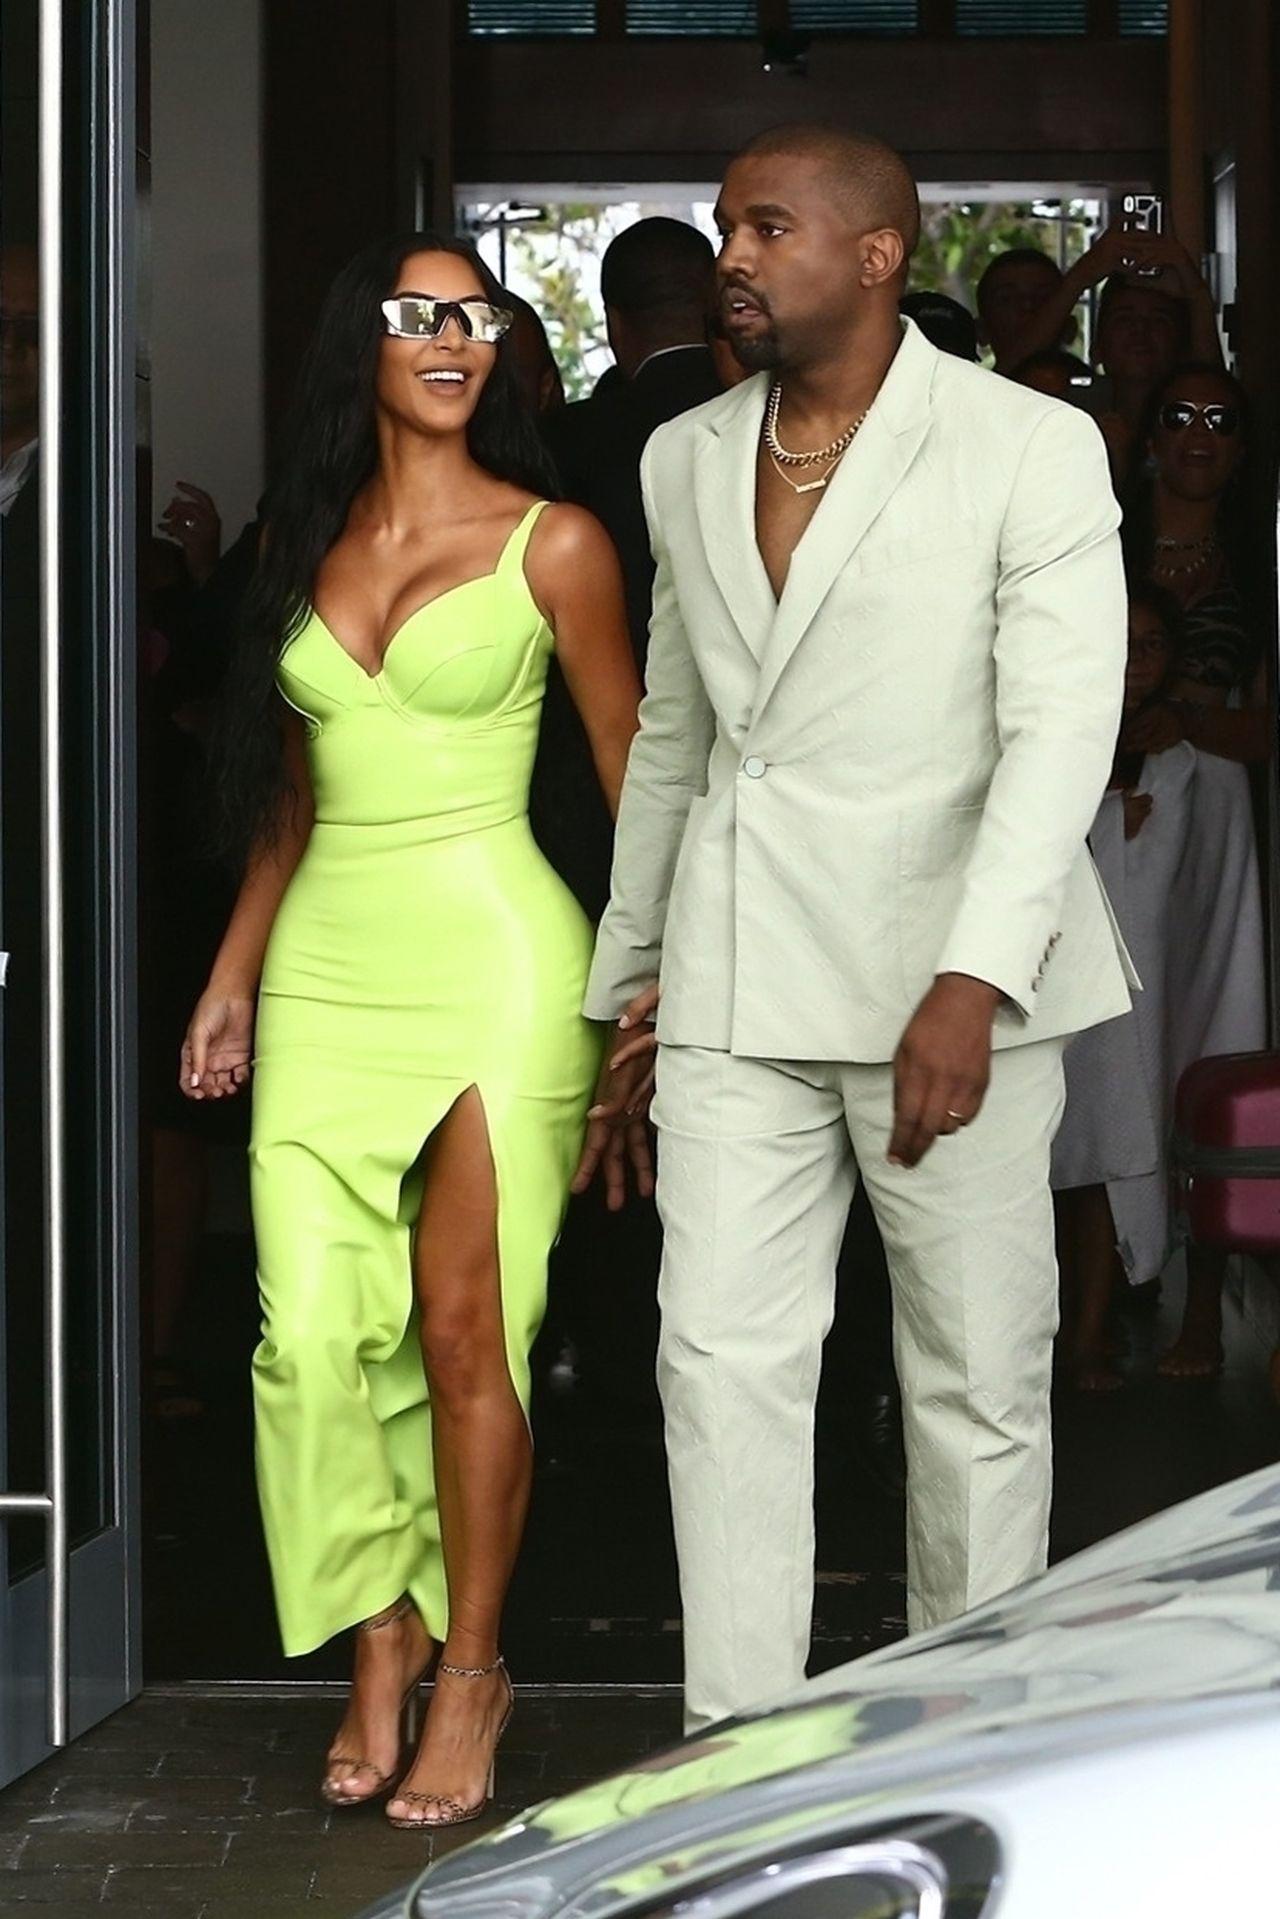 Kim jest ZAŁAMANA tym, co robi Kanye - DESPERACKO chce uratować małżeństwo